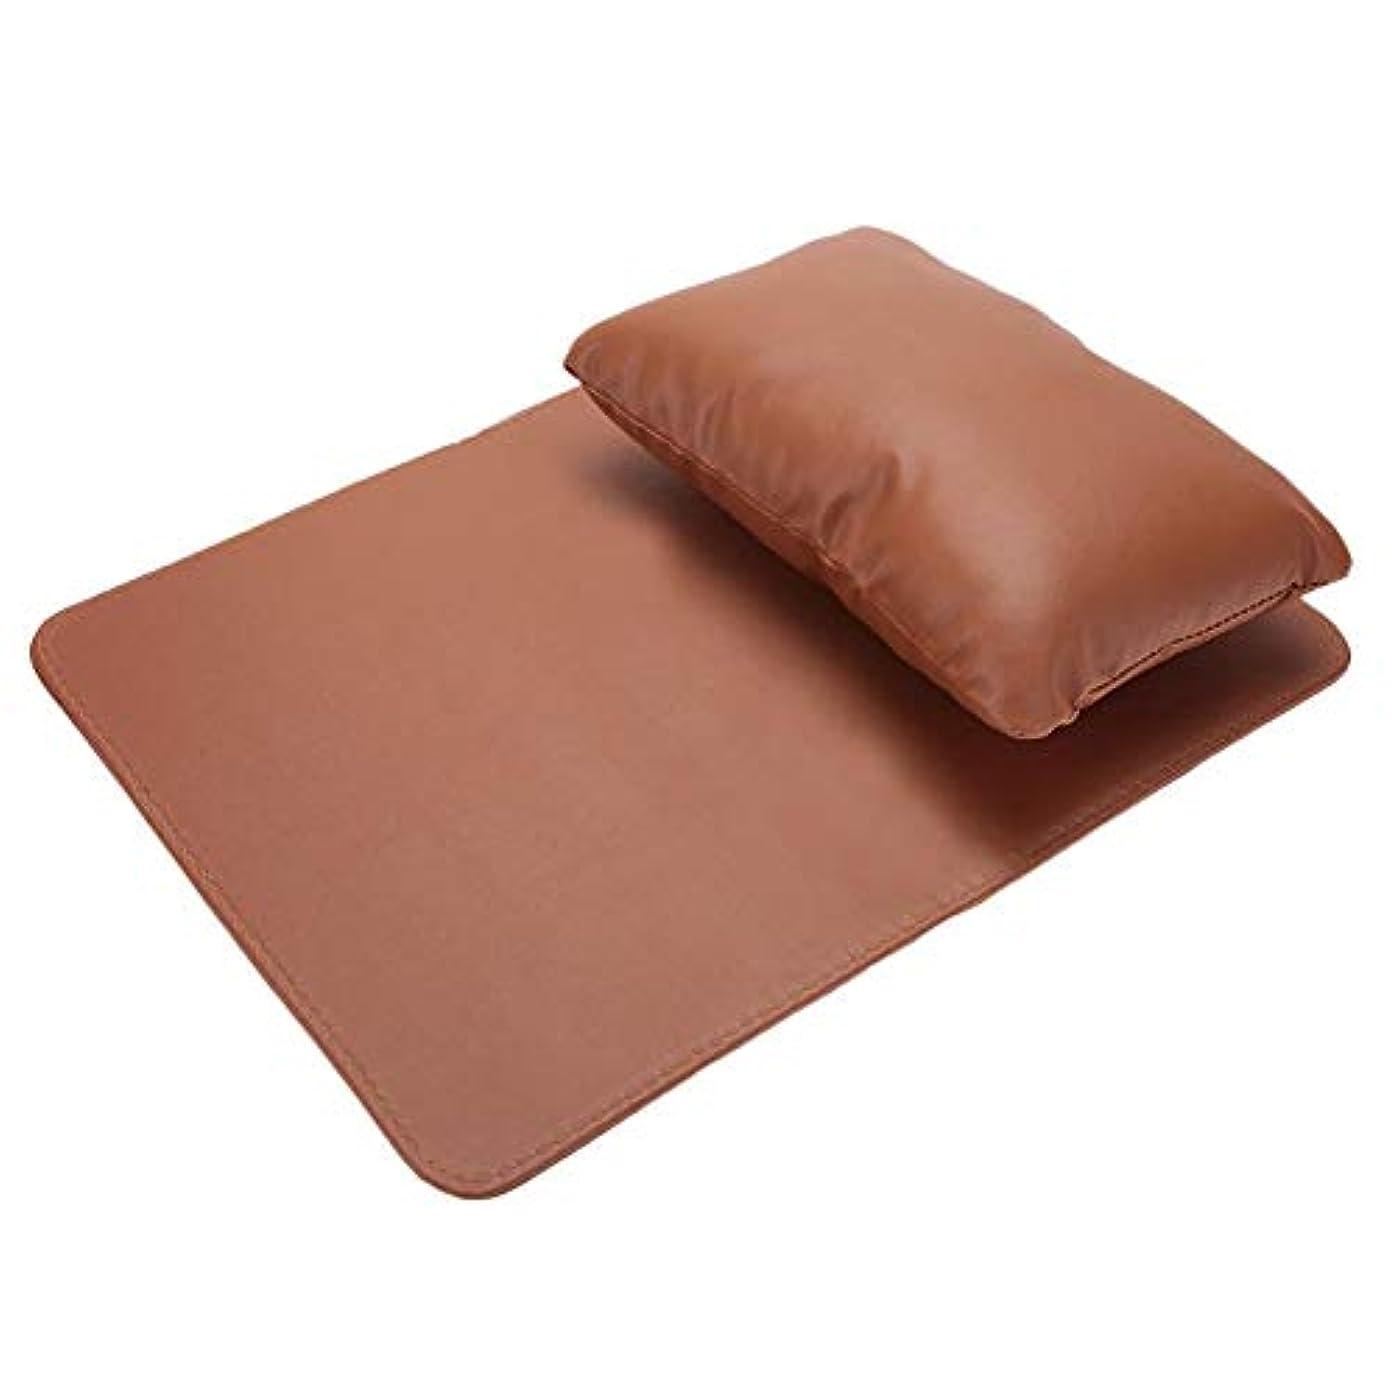 彼らクラウンはずネイルアートハンド枕、ハンドクッションレストマニキュアサロン美容ソフトPUレザー洗えるハンドレスト枕とマニキュアテーブルマット(Coffee)